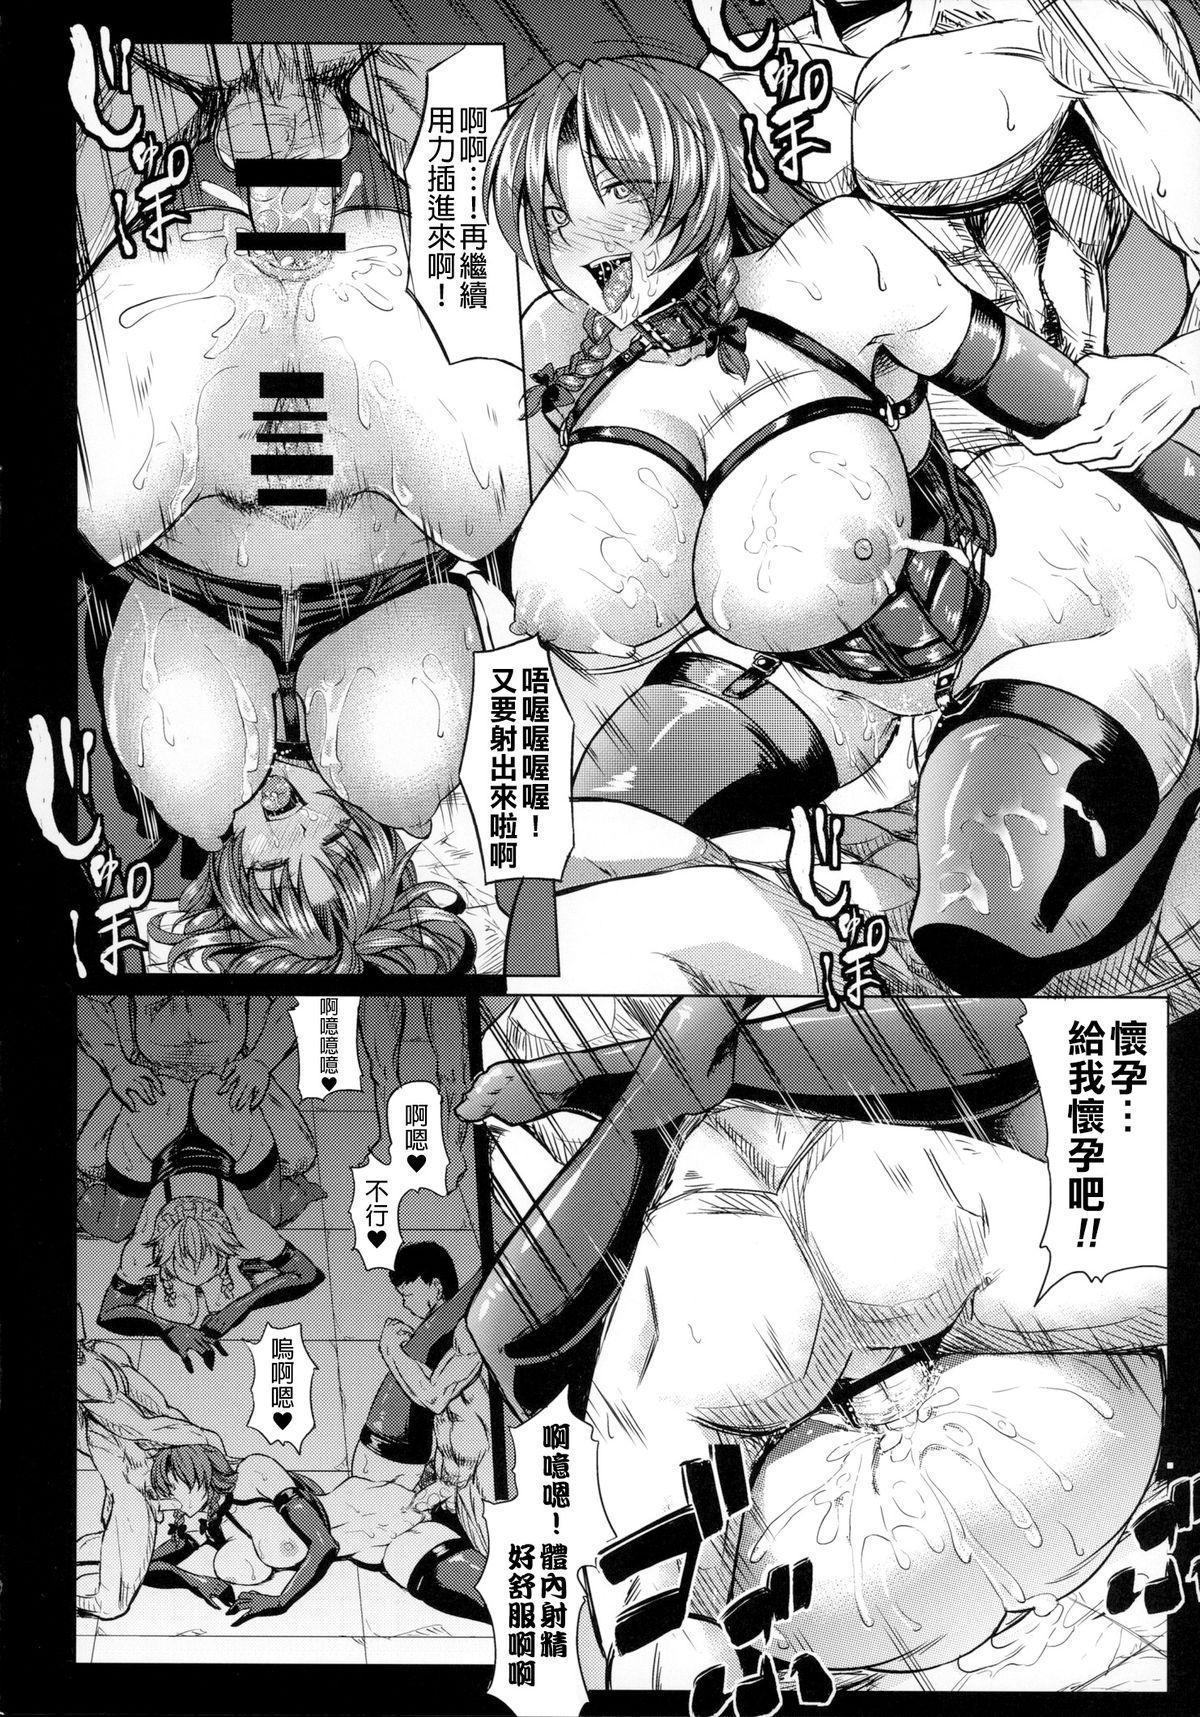 MeiSaku Choukyou Nikki 20